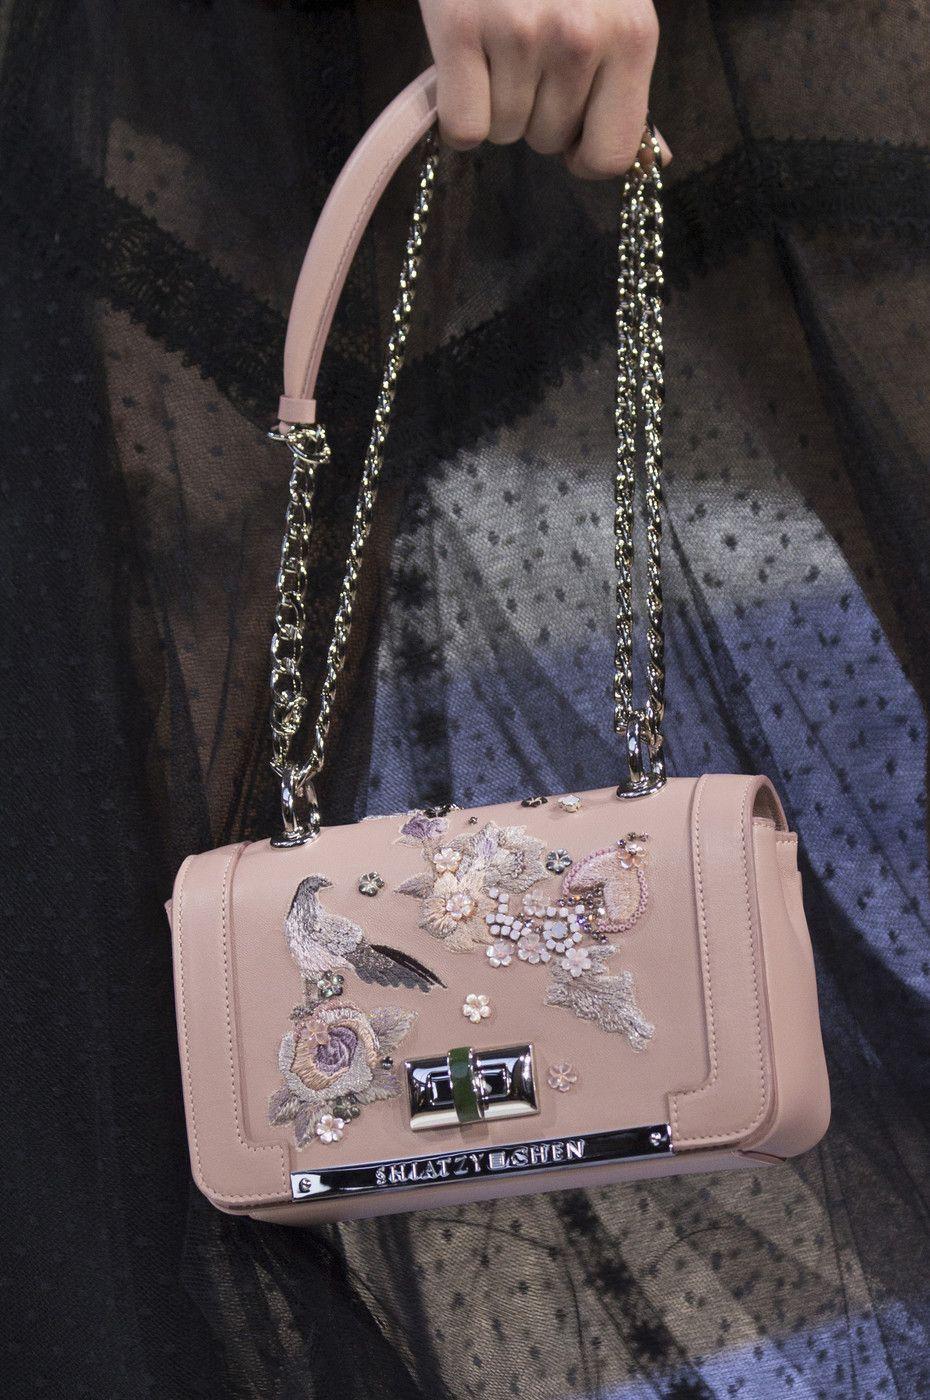 f4b07e715048 ファッション バッグ, ファッション小物, ファッションシューズ, ファッショントレンド, ファッションコーデのアイデア